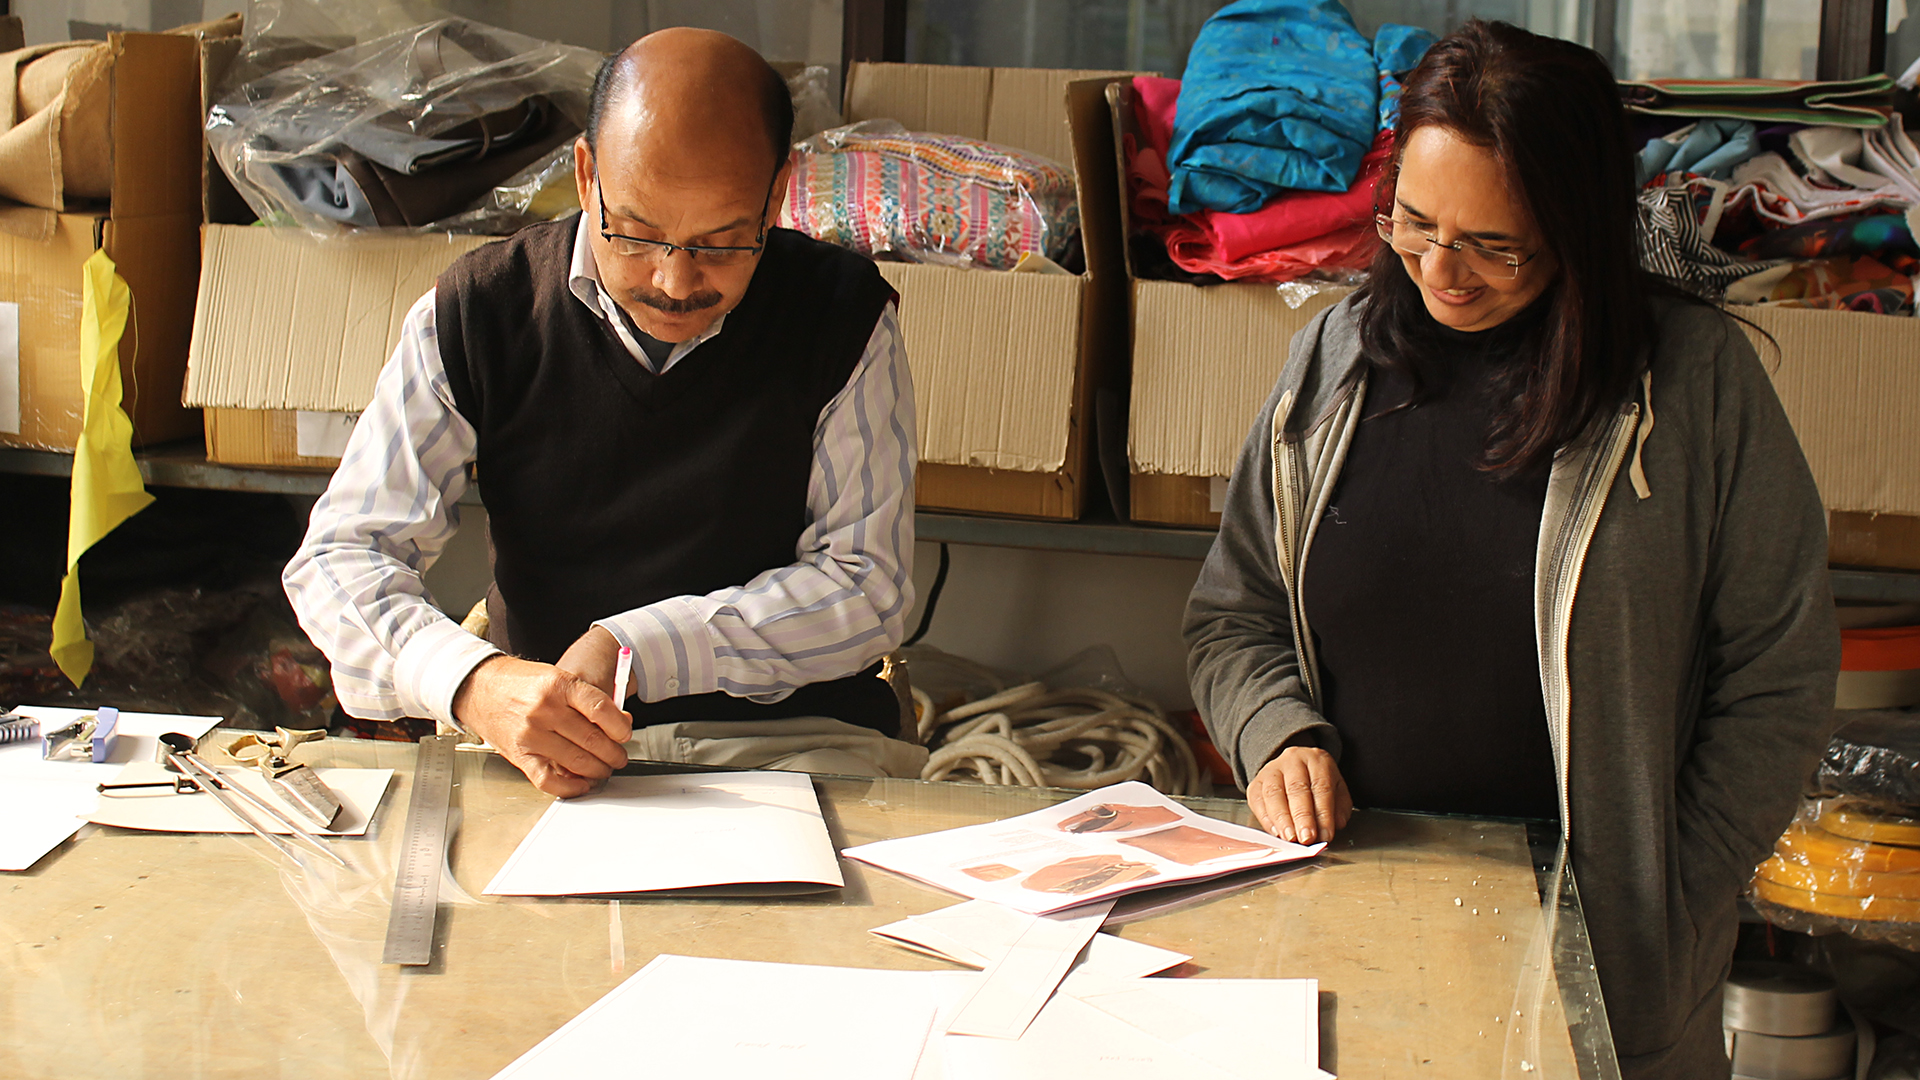 Wir beraten unsere Partner zu Qualität und Design. Entwicklungen in diesen Bereichen verbessern ihre Chancen auf dem Markt. Außerdem finanzieren wir manche Hilfsmittel, wie z. B. einen international einheitlichen Pantone-Textilfarbfächer.